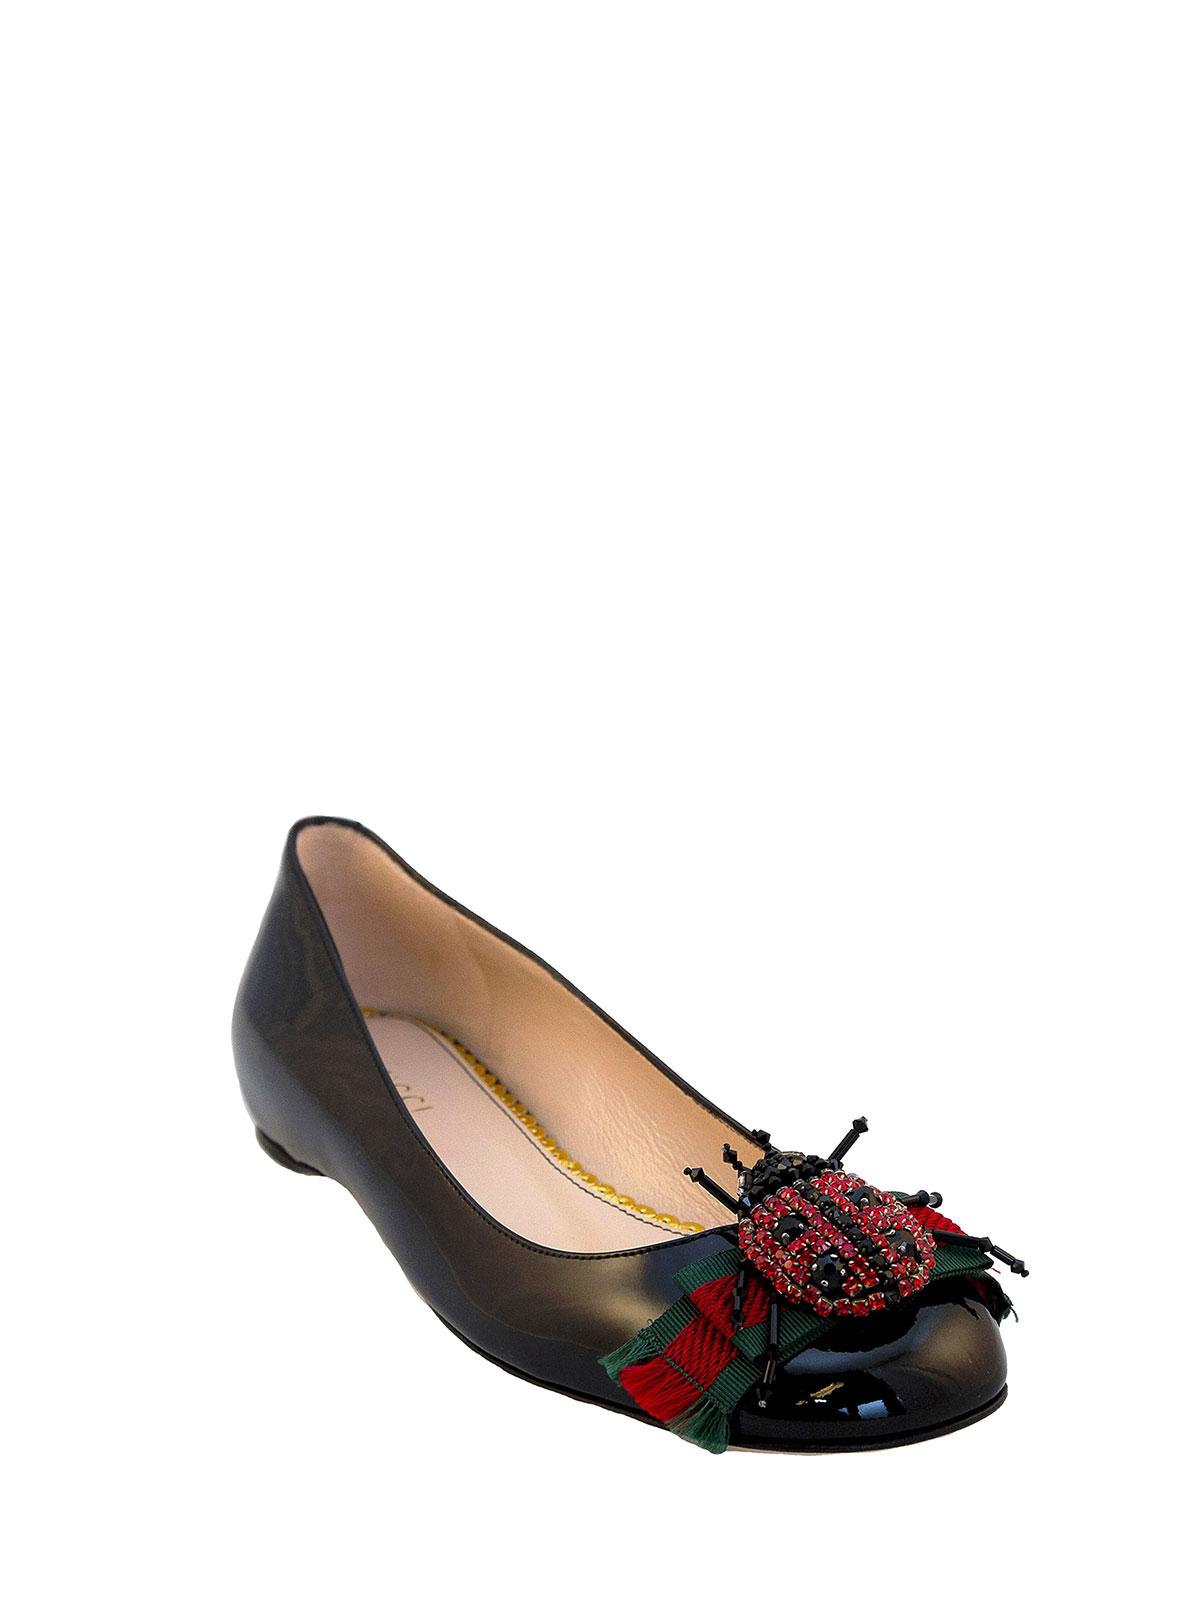 patent flats - flat shoes